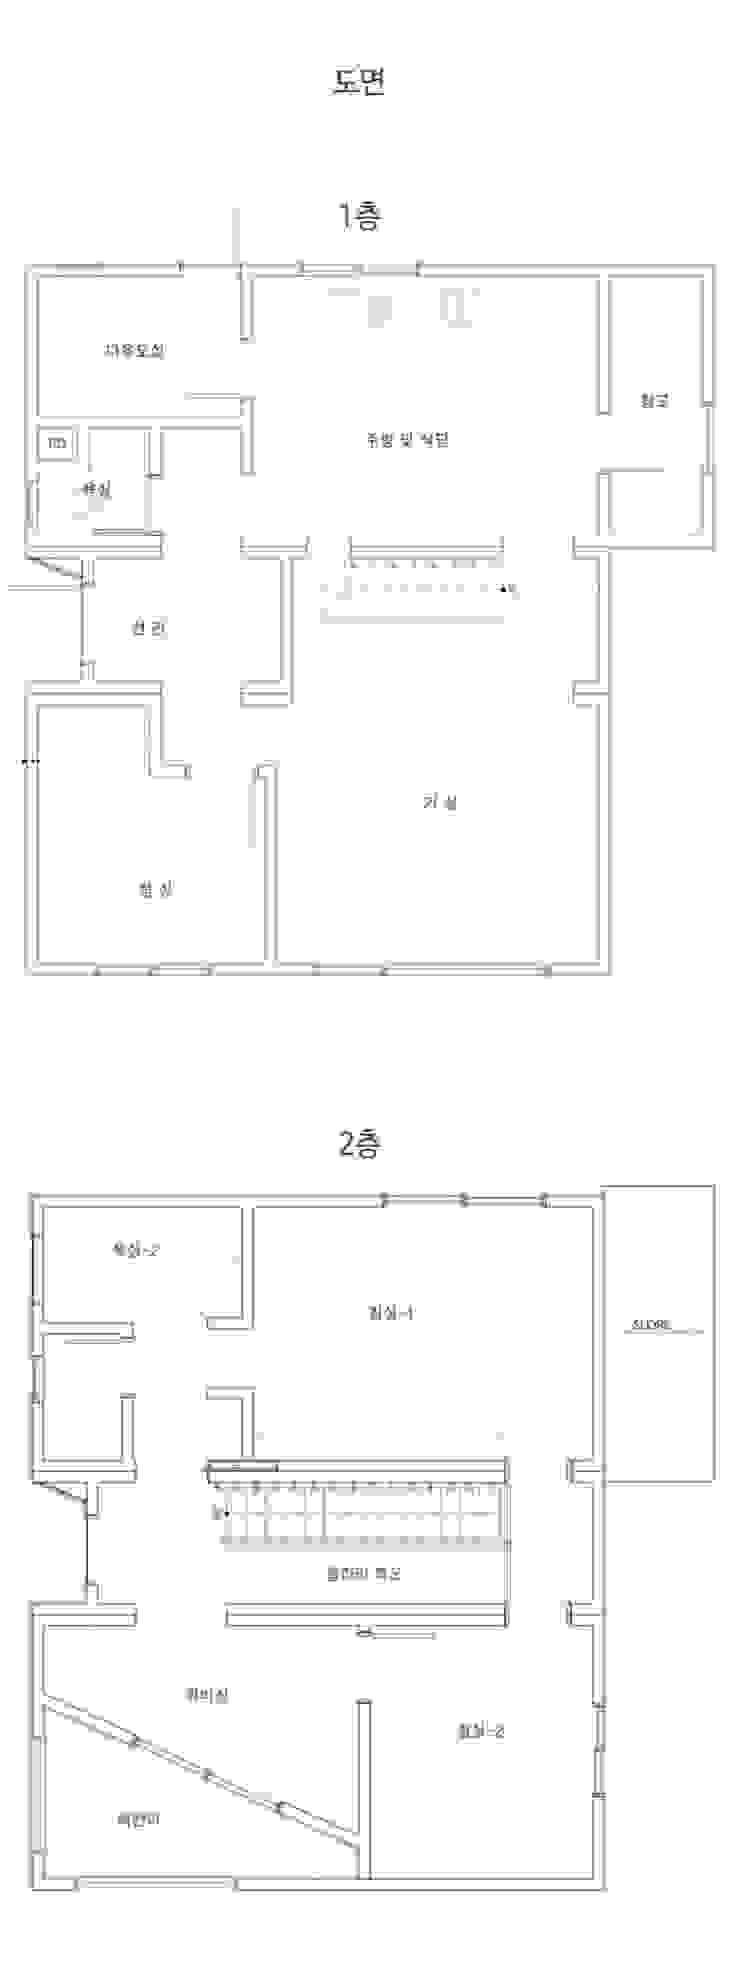 순환구조가 돋보이는 모듈화주택_도면 by 공간제작소(주) 모던 우드 우드 그레인